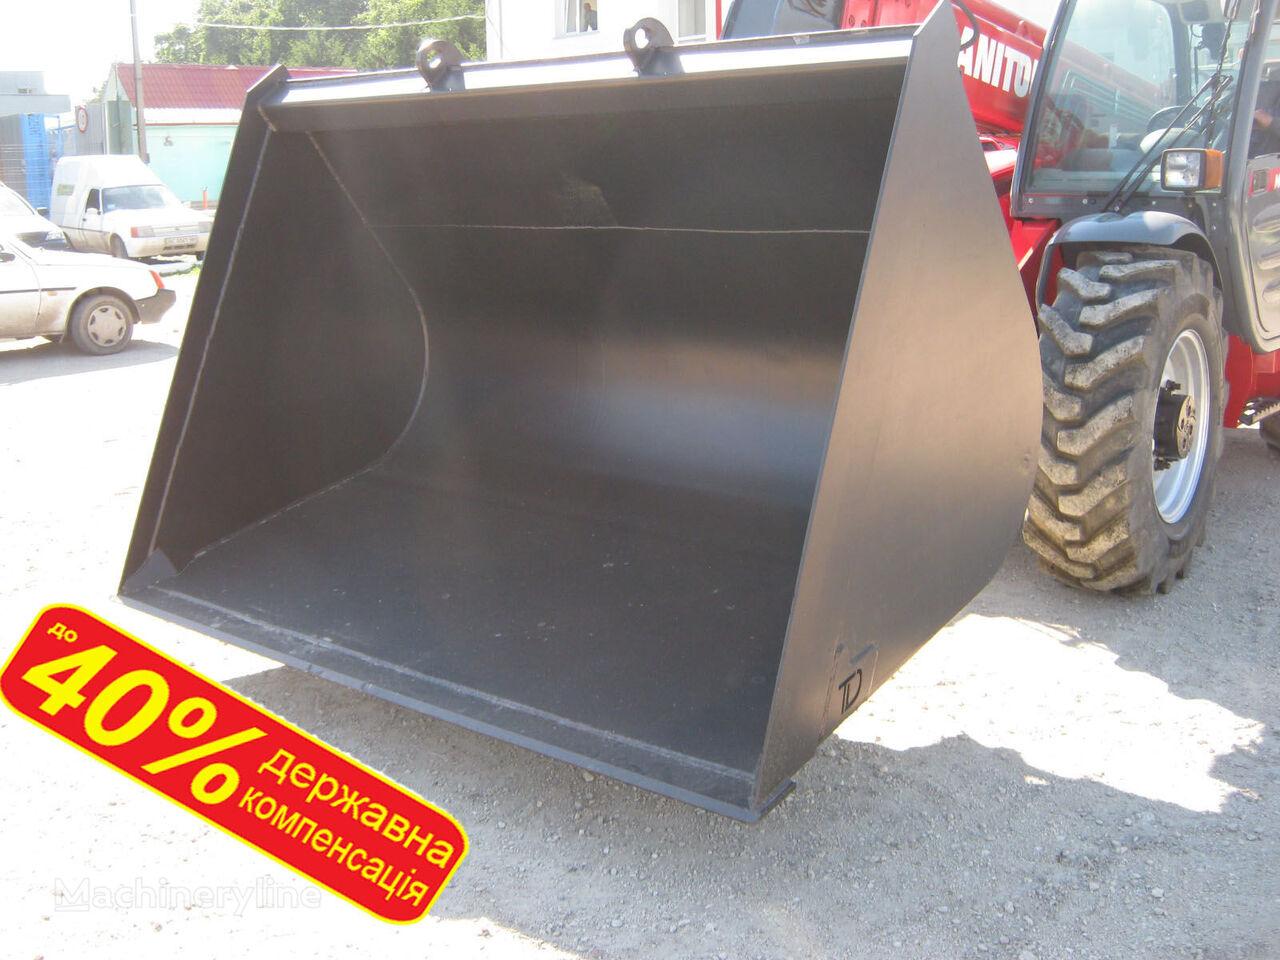 bucket loader depan MANITOU  JCB, Bobcat, HAULOTTE, CLAAS - Kovshi zernovye baru